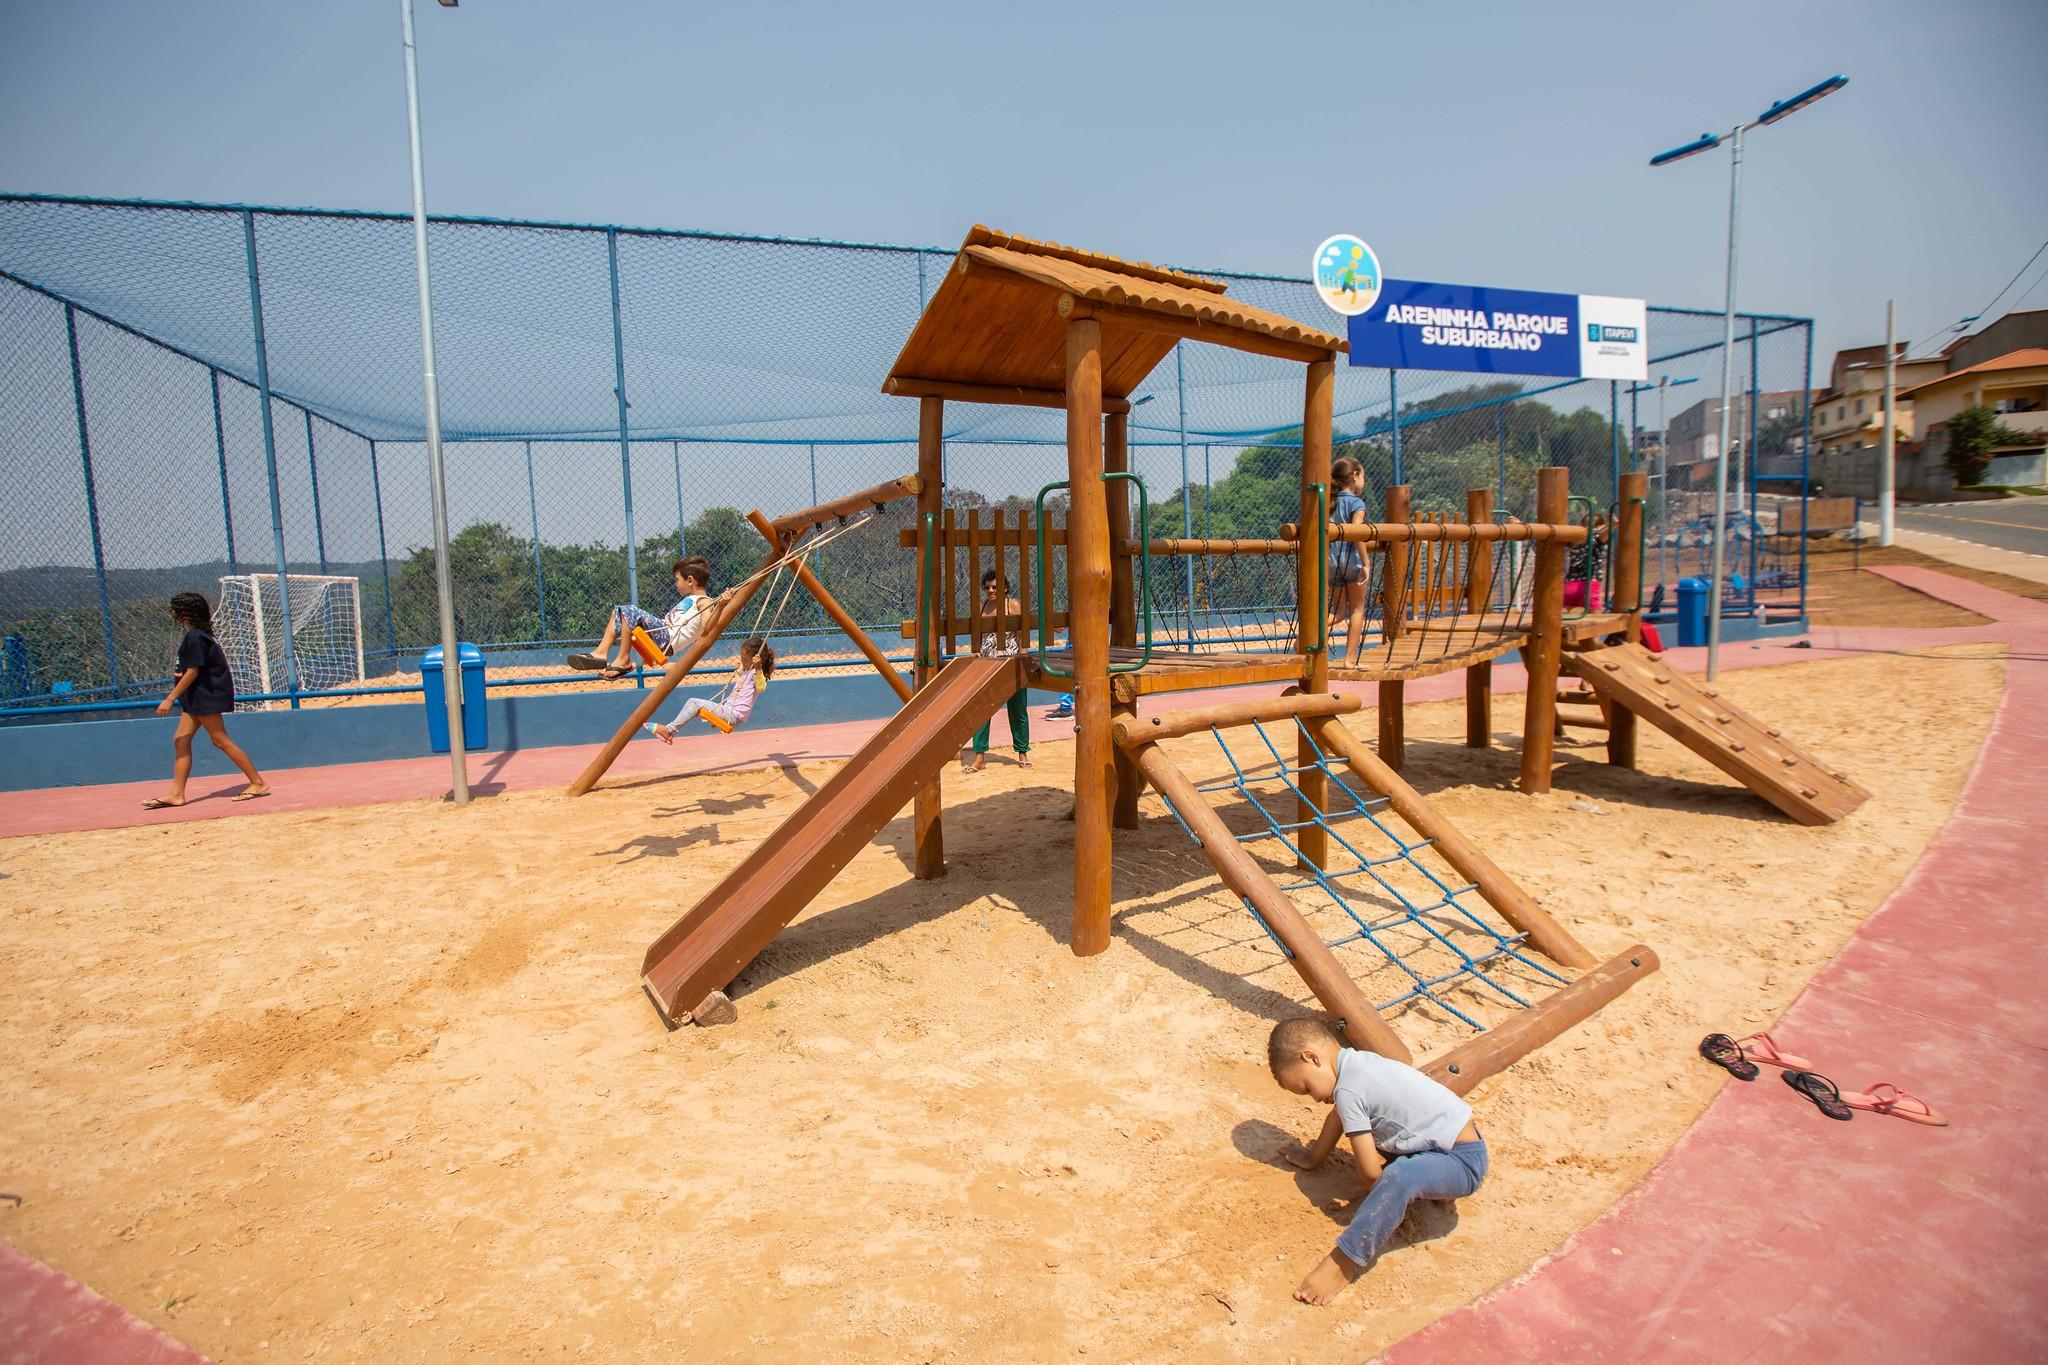 Areninhas Ambuitá e Parque Suburbano são inauguradas em Itapevi